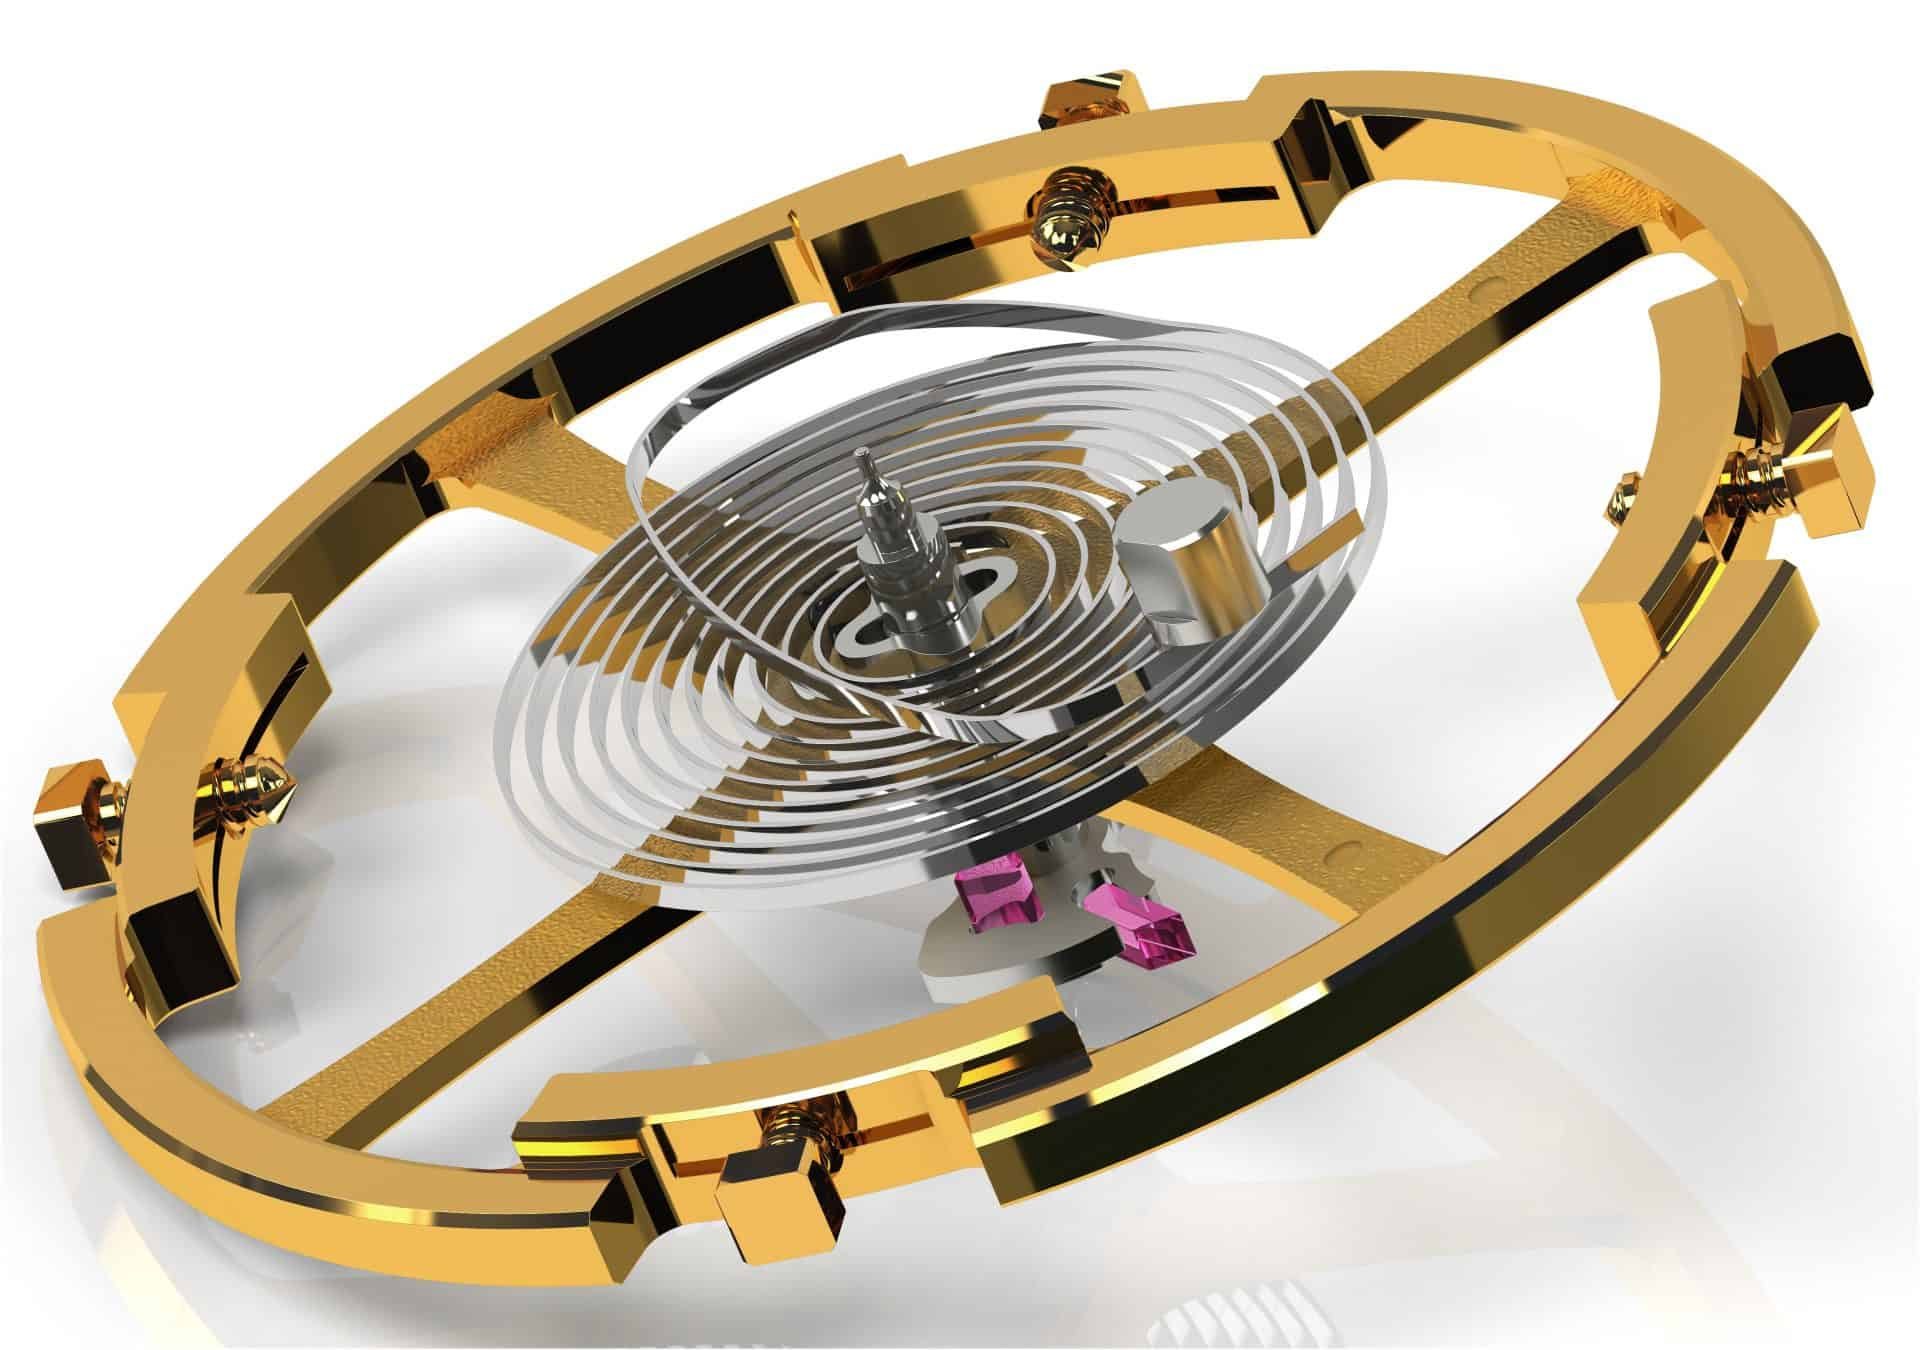 Grand Seiko Automatikkaliber 0SA5 mit hauseigener Unruhspirale. Hier oszillieren eine Unruh mit variabler Trägheit